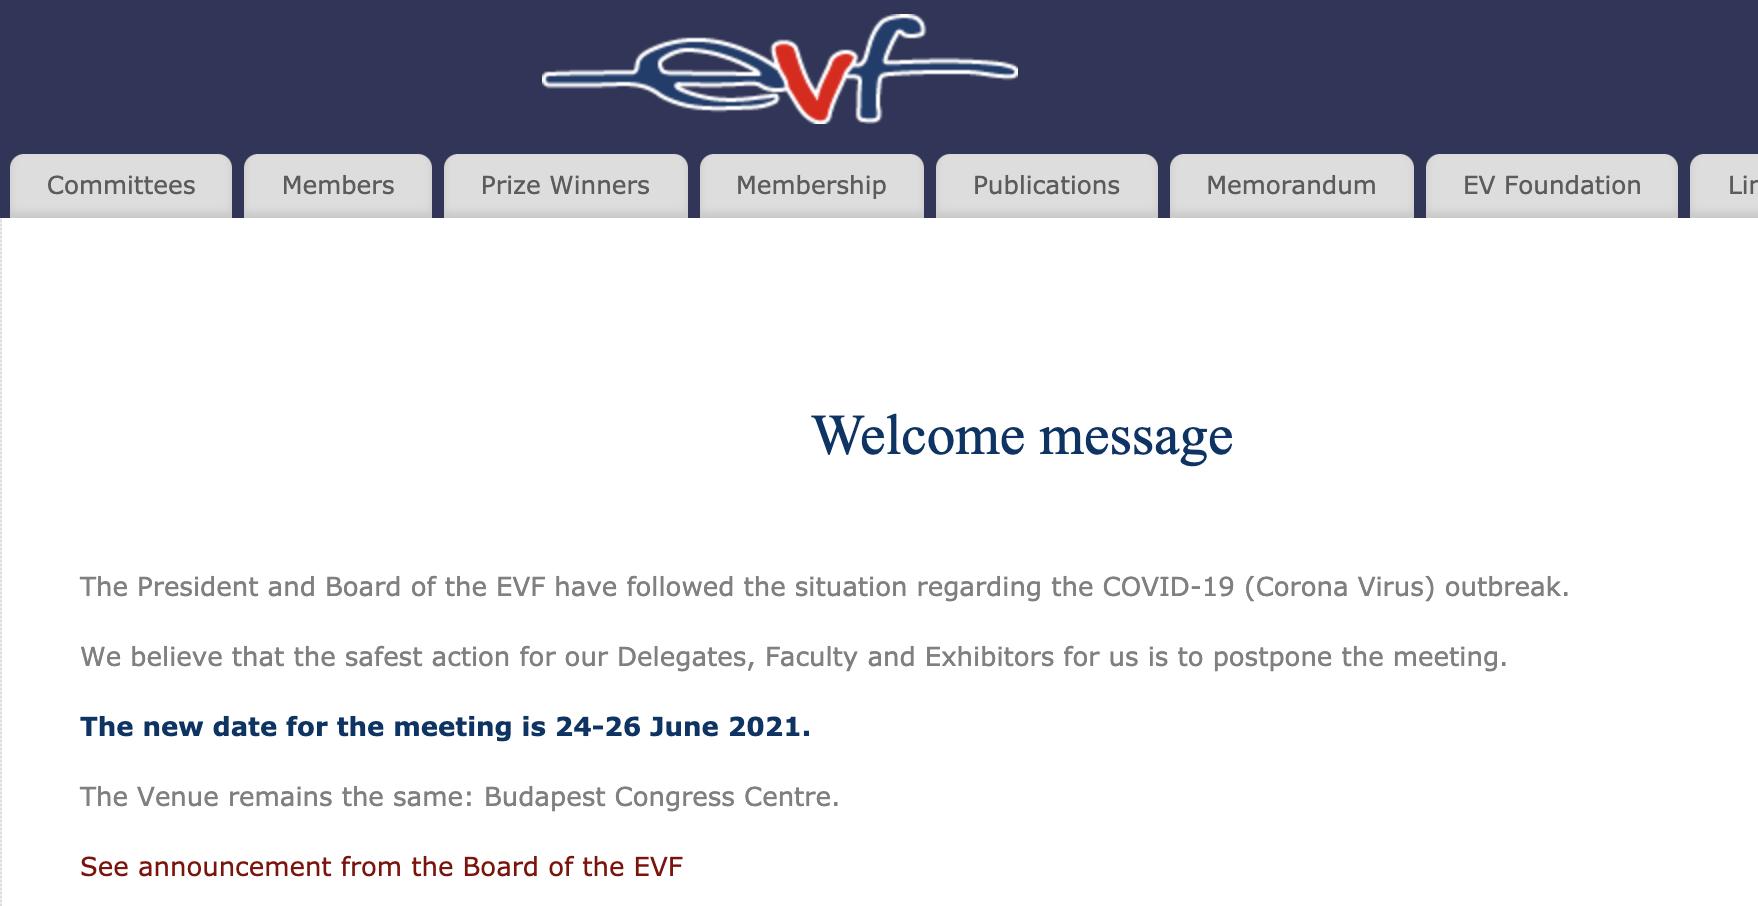 EVF Annual Meeting (European Venous Forum)